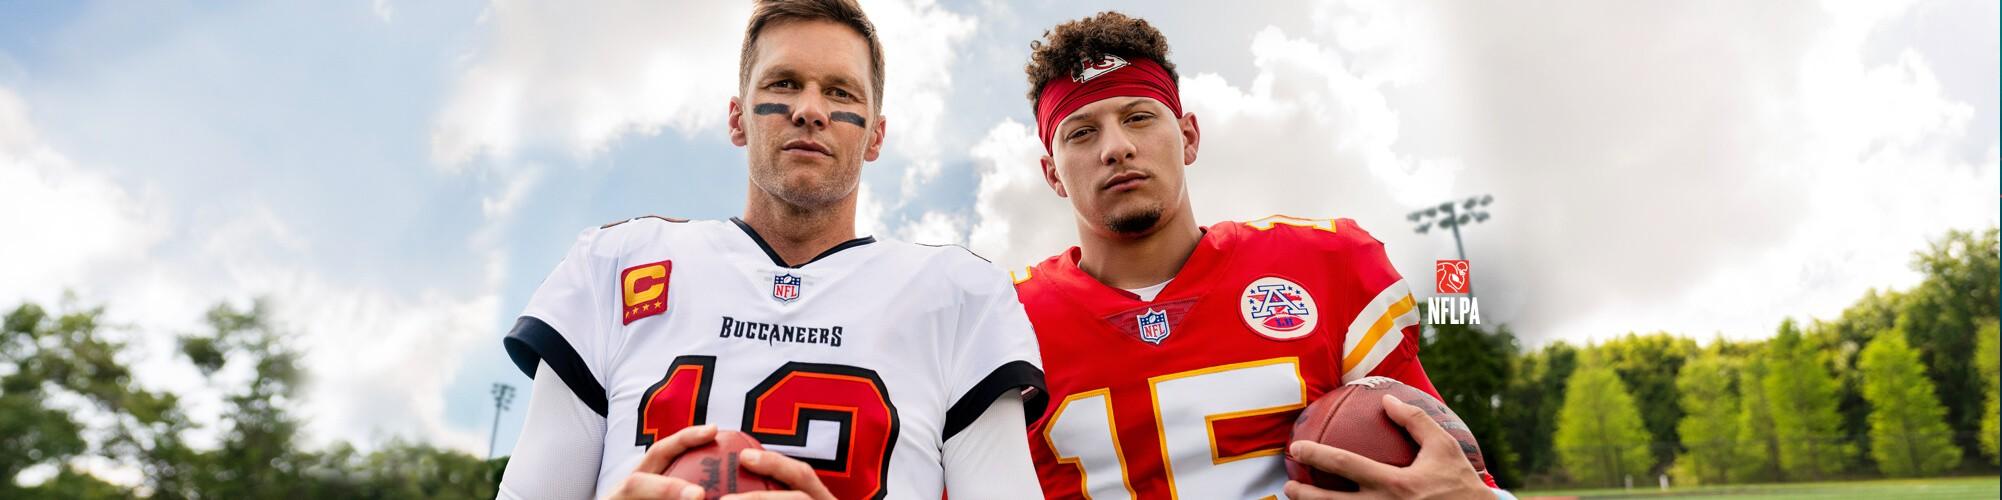 Best PCs for Madden NFL 22